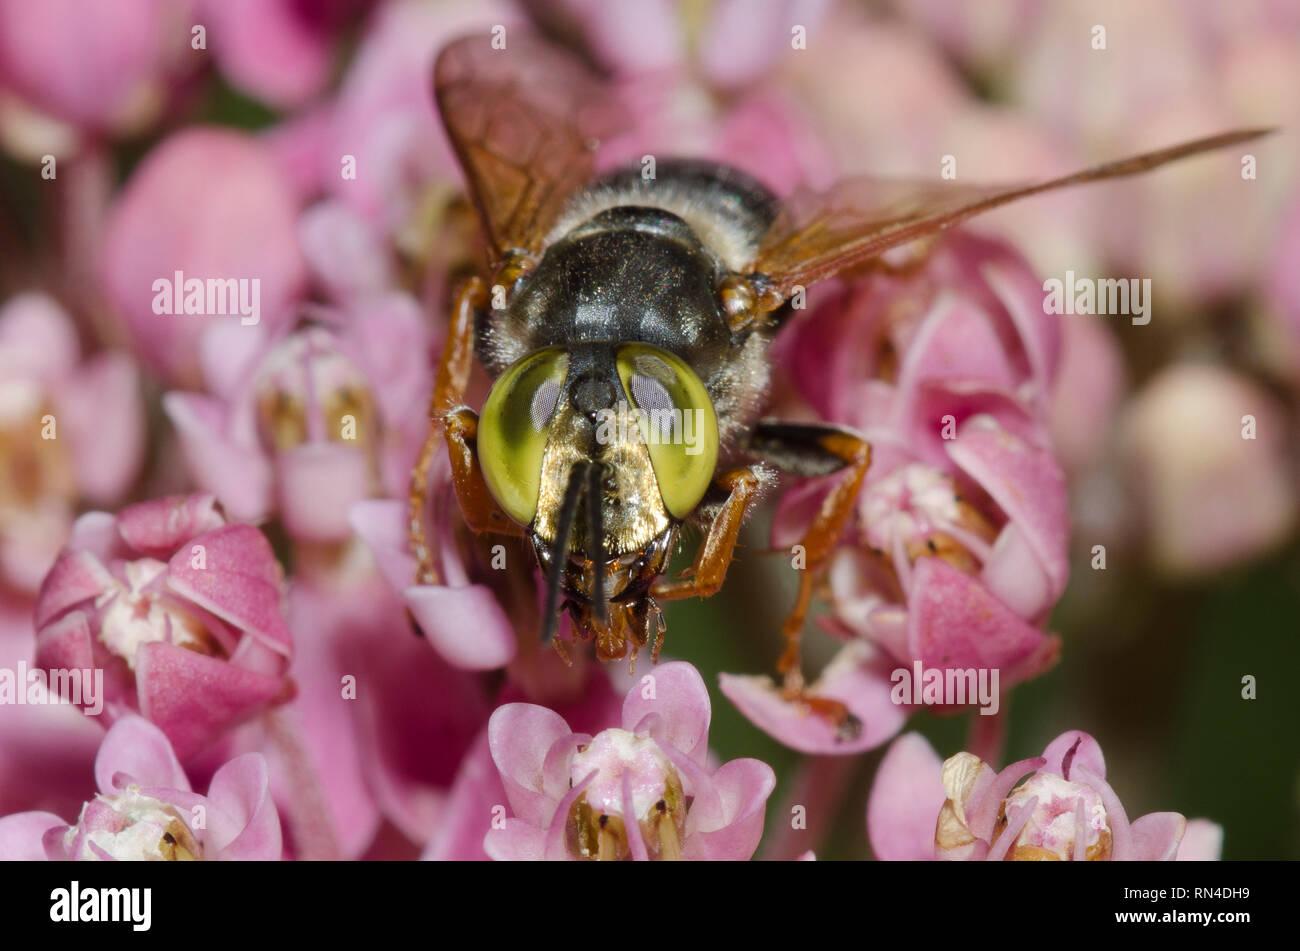 Avispa de cabeza cuadrada, Tachytes sp., el pantano, Asclepias asclepias incarnata Foto de stock